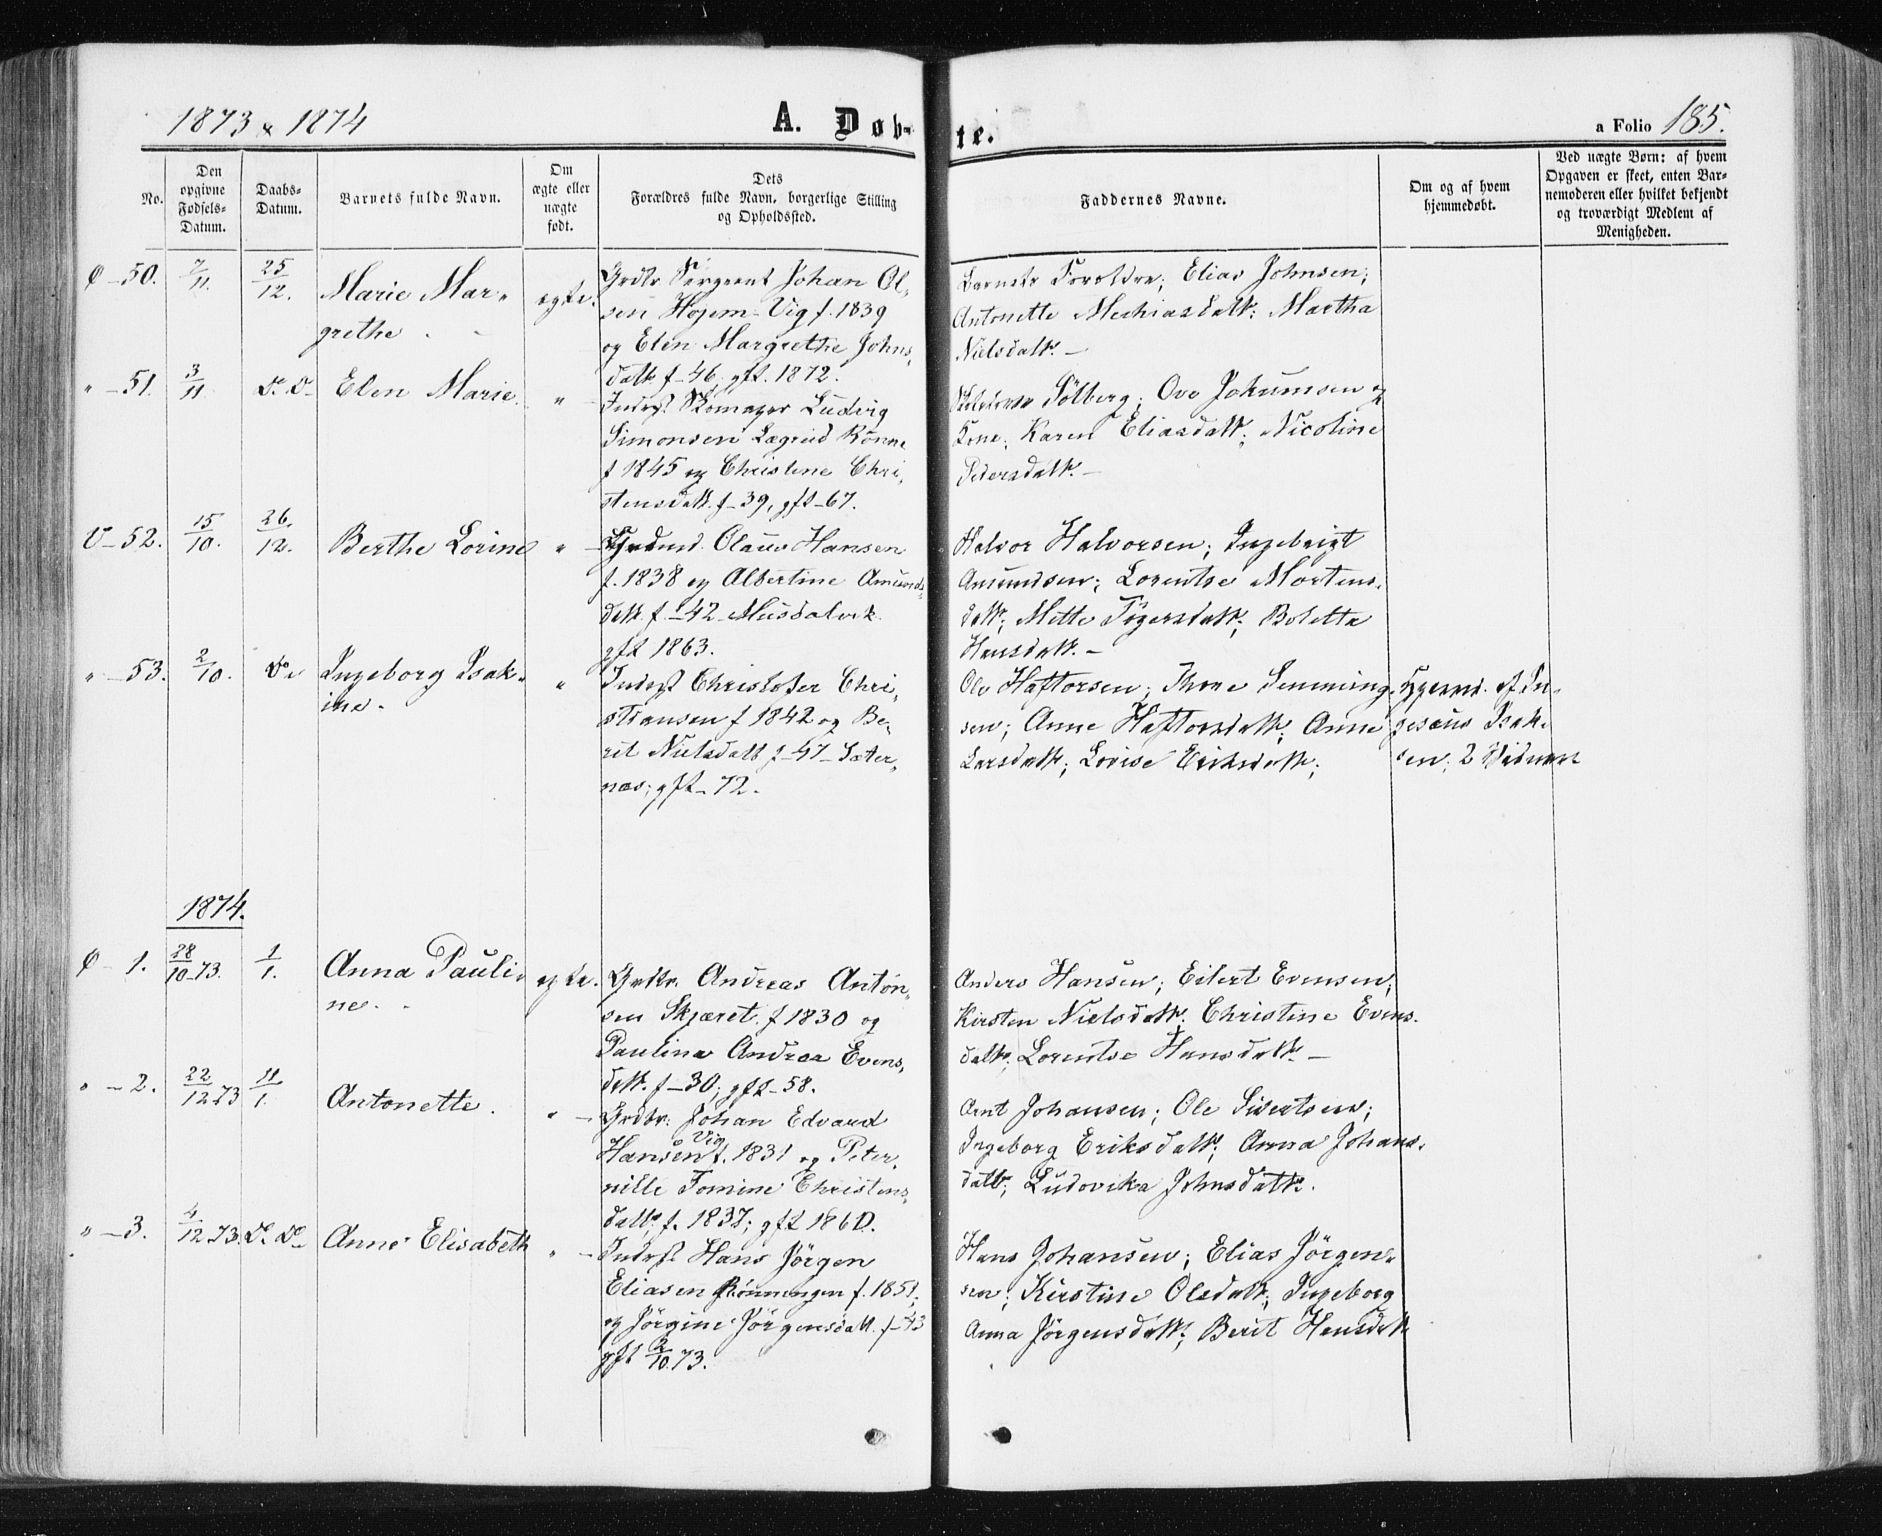 SAT, Ministerialprotokoller, klokkerbøker og fødselsregistre - Sør-Trøndelag, 659/L0737: Ministerialbok nr. 659A07, 1857-1875, s. 185